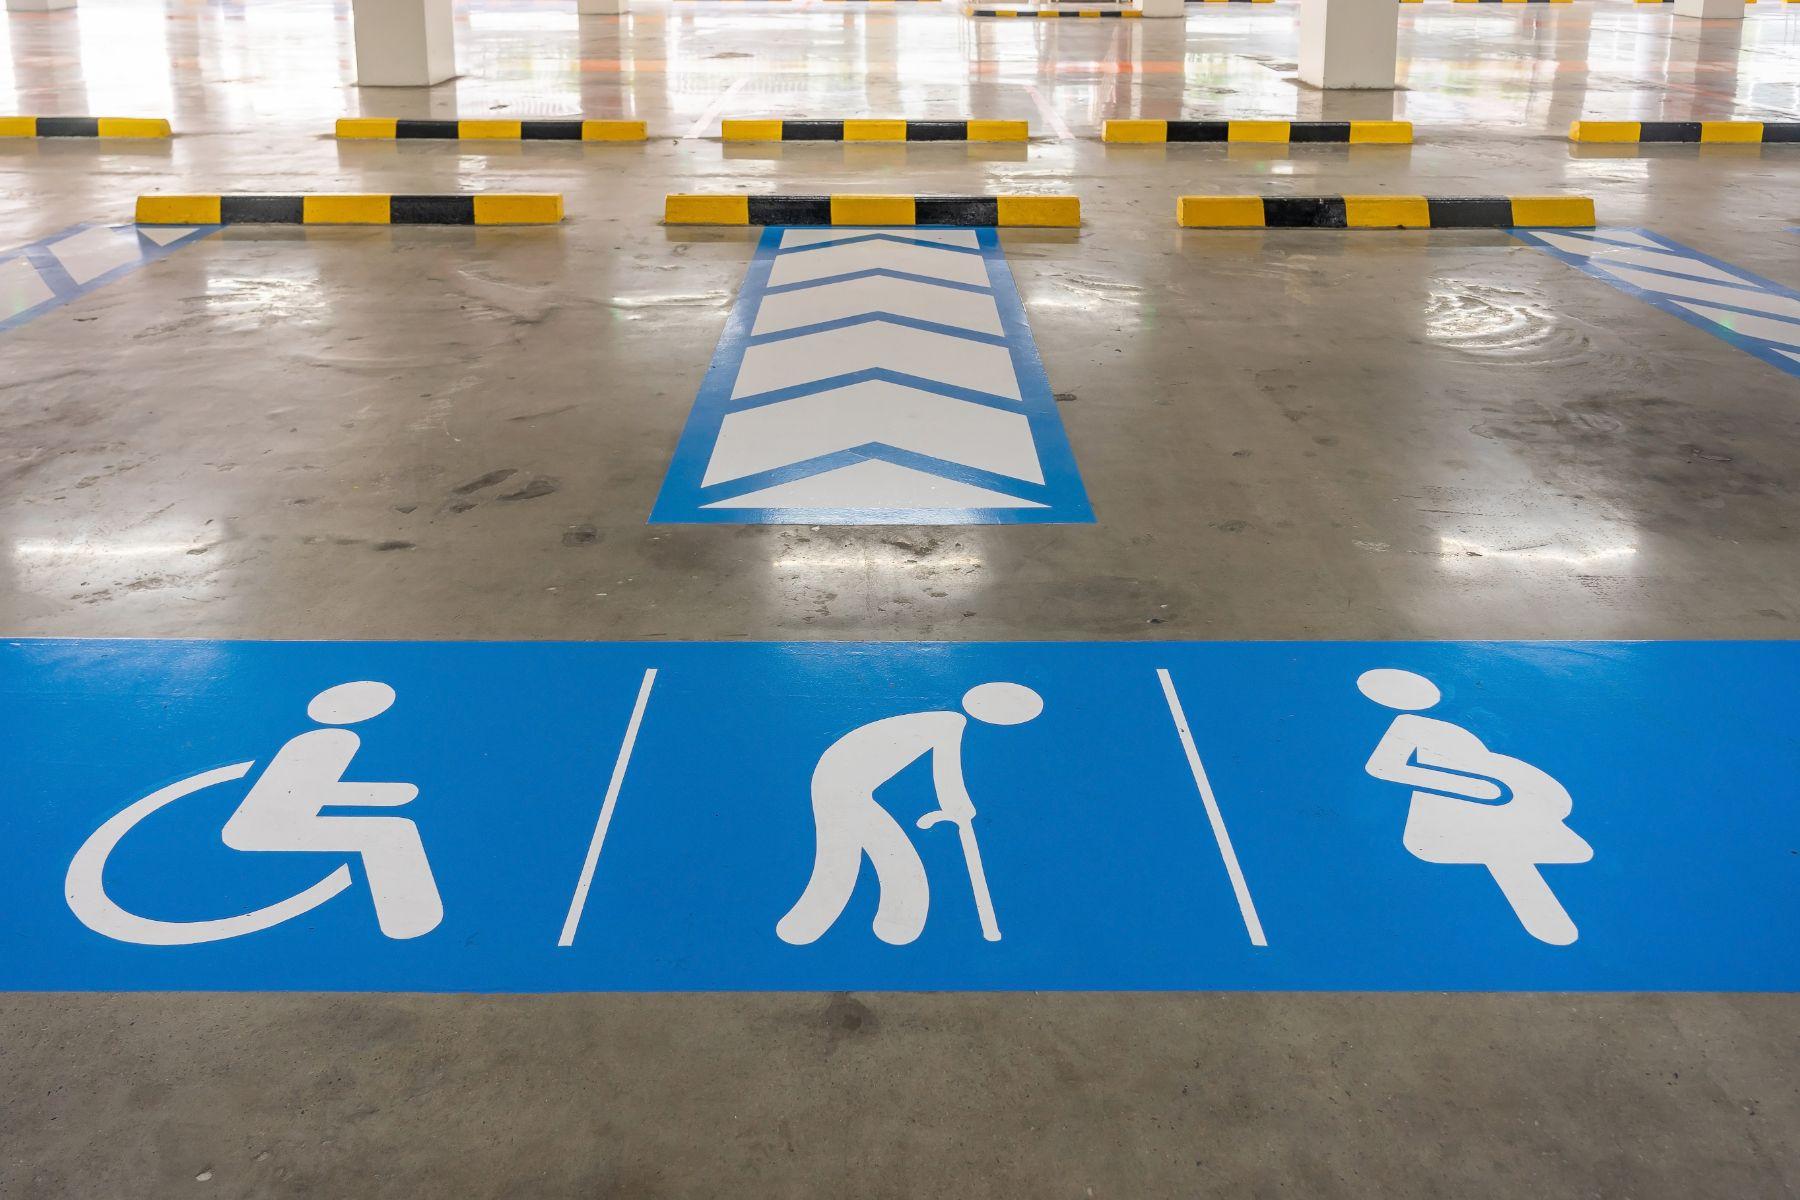 vagas de estacionamento para gestantes idosos e pessoas com deficiencia pcd